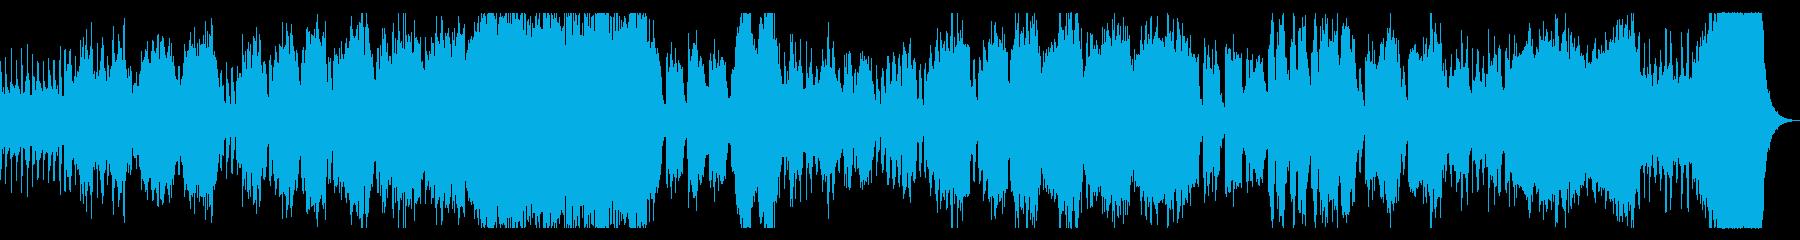 ダークでシネマチックなオーケストラBGMの再生済みの波形